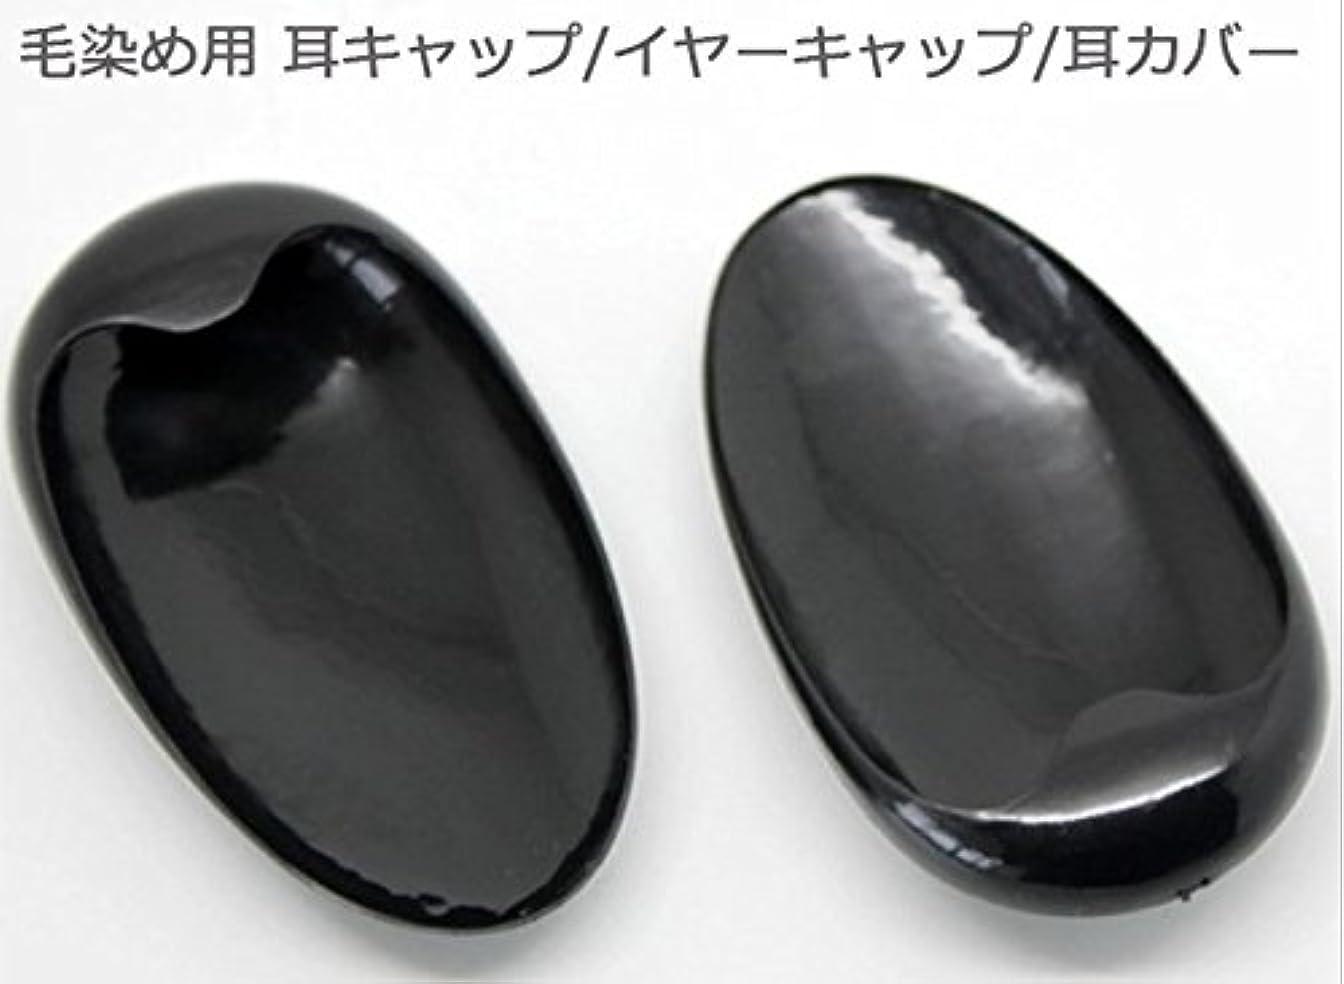 マスク大工固める毛染め用 耳キャップ/イヤーキャップ/耳カバー★3組(6個)